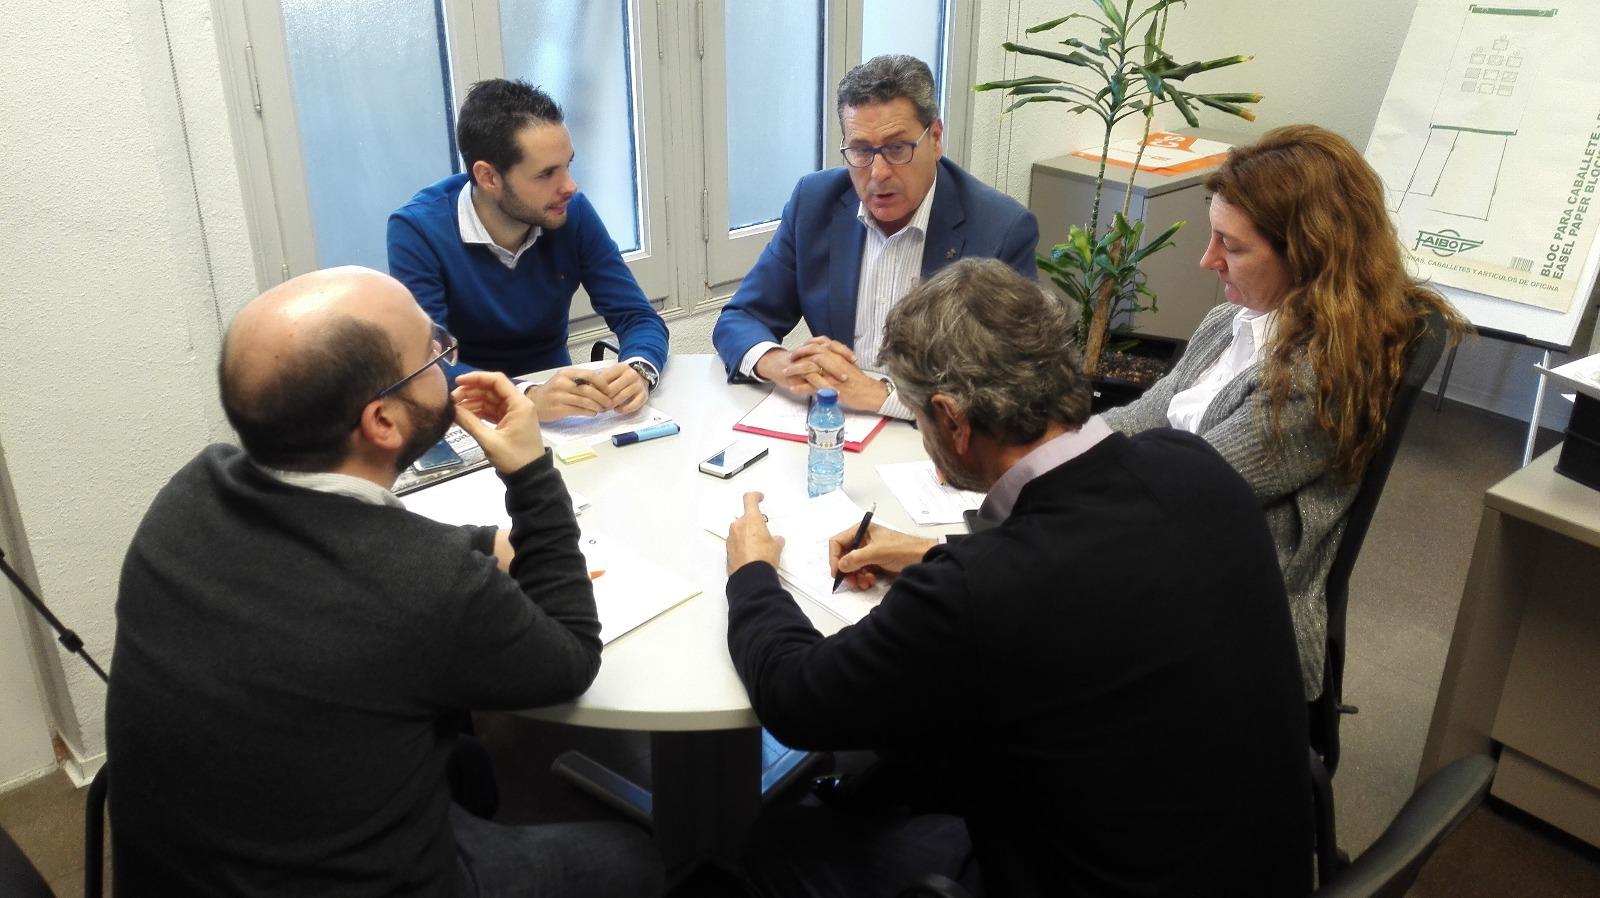 Los concejales del Grupo municipal de Ciudadanos (Cs) en l'Hospitalet de Llobregat